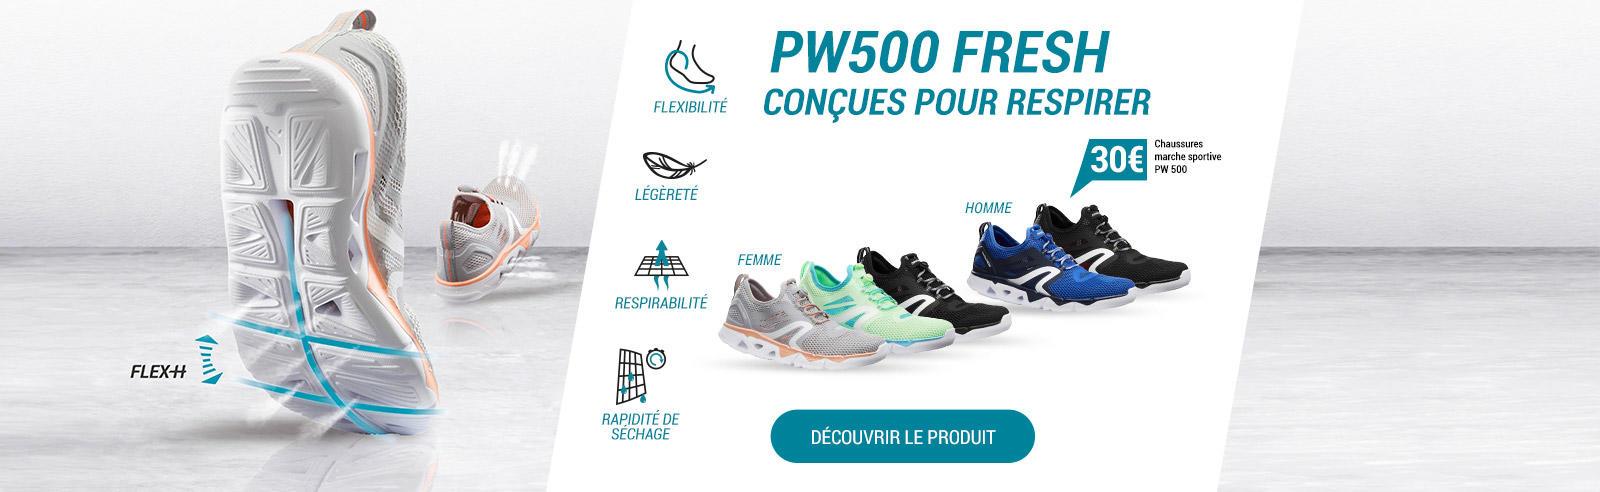 PW 500 FRESH conçues pour respirer